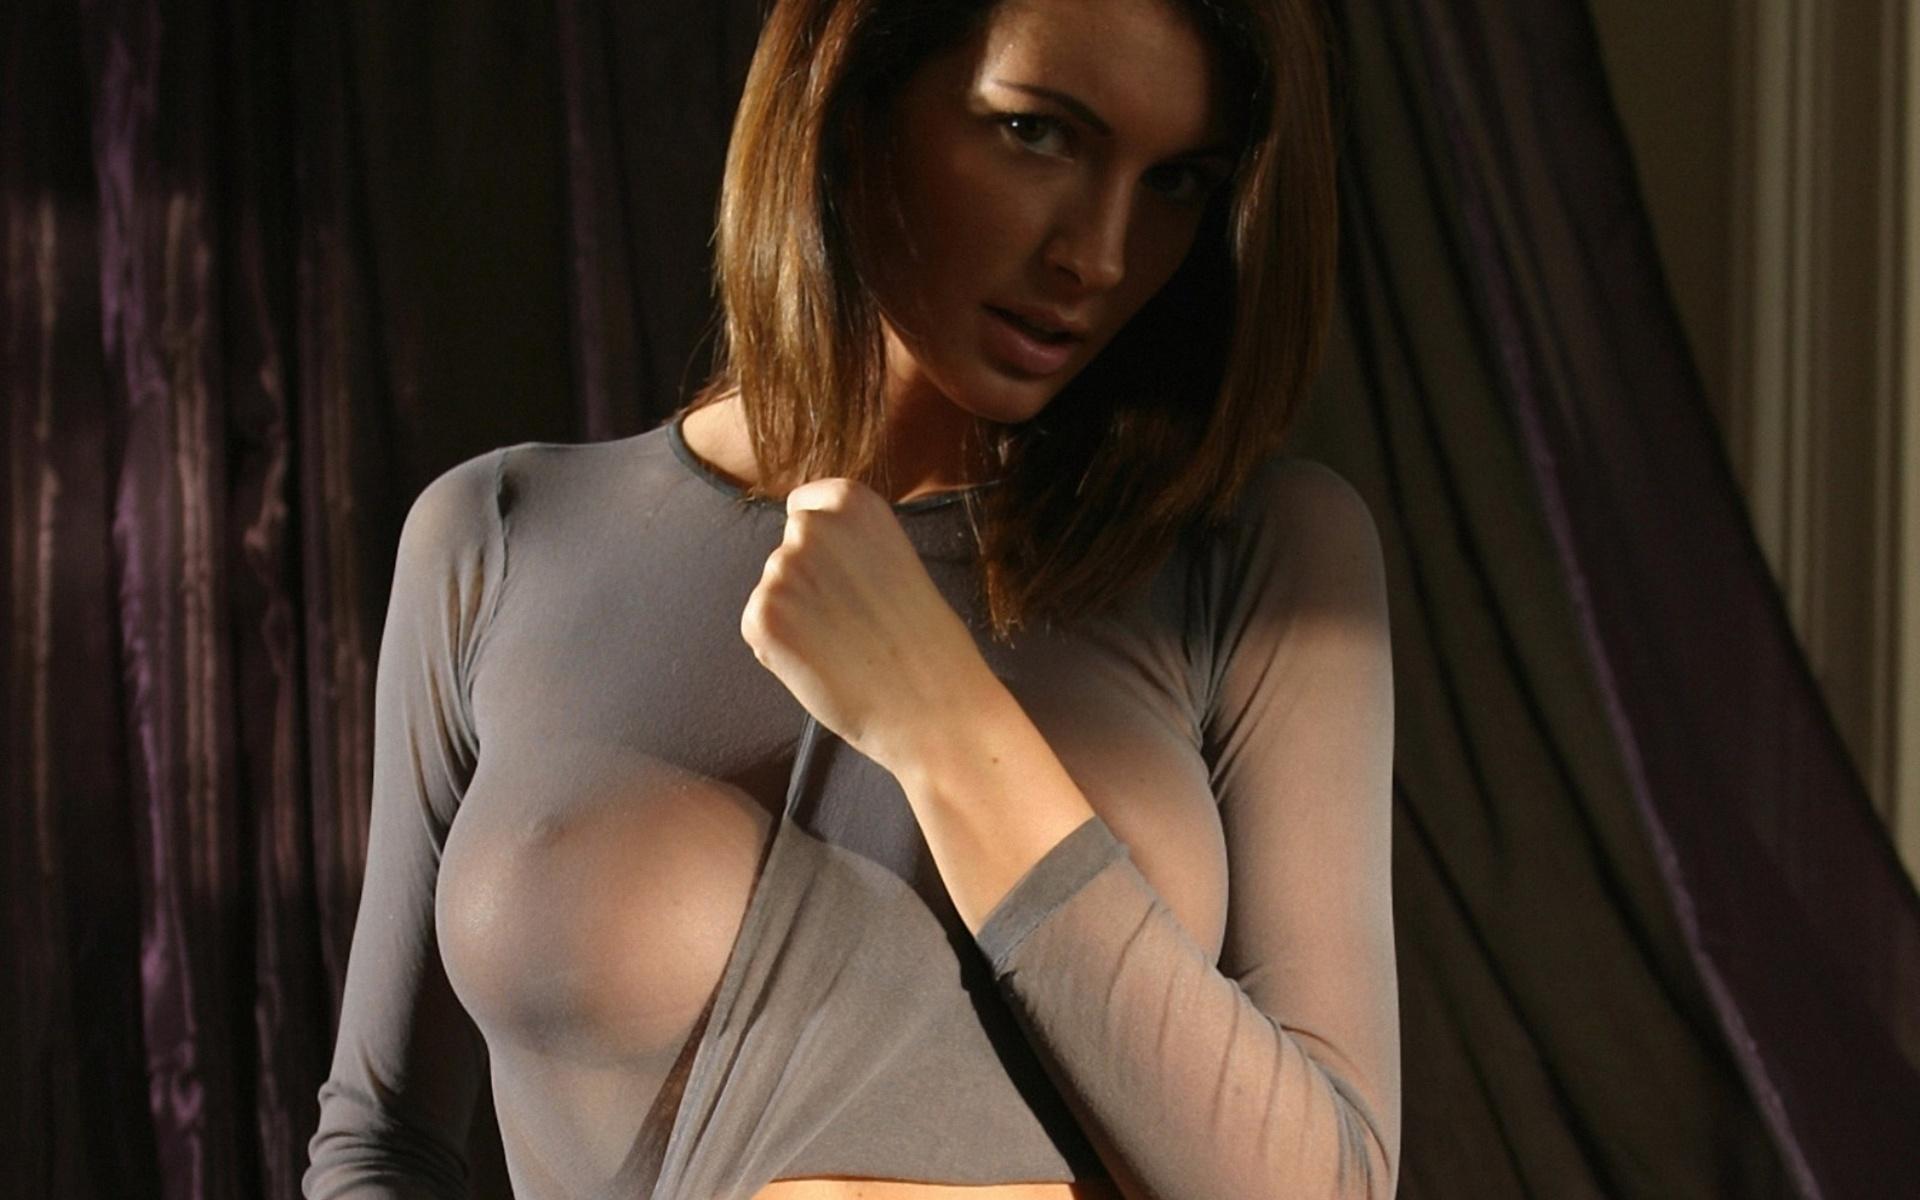 Эротичные девушки в прозрачной одежде, прозрачная одежда 1 фотография